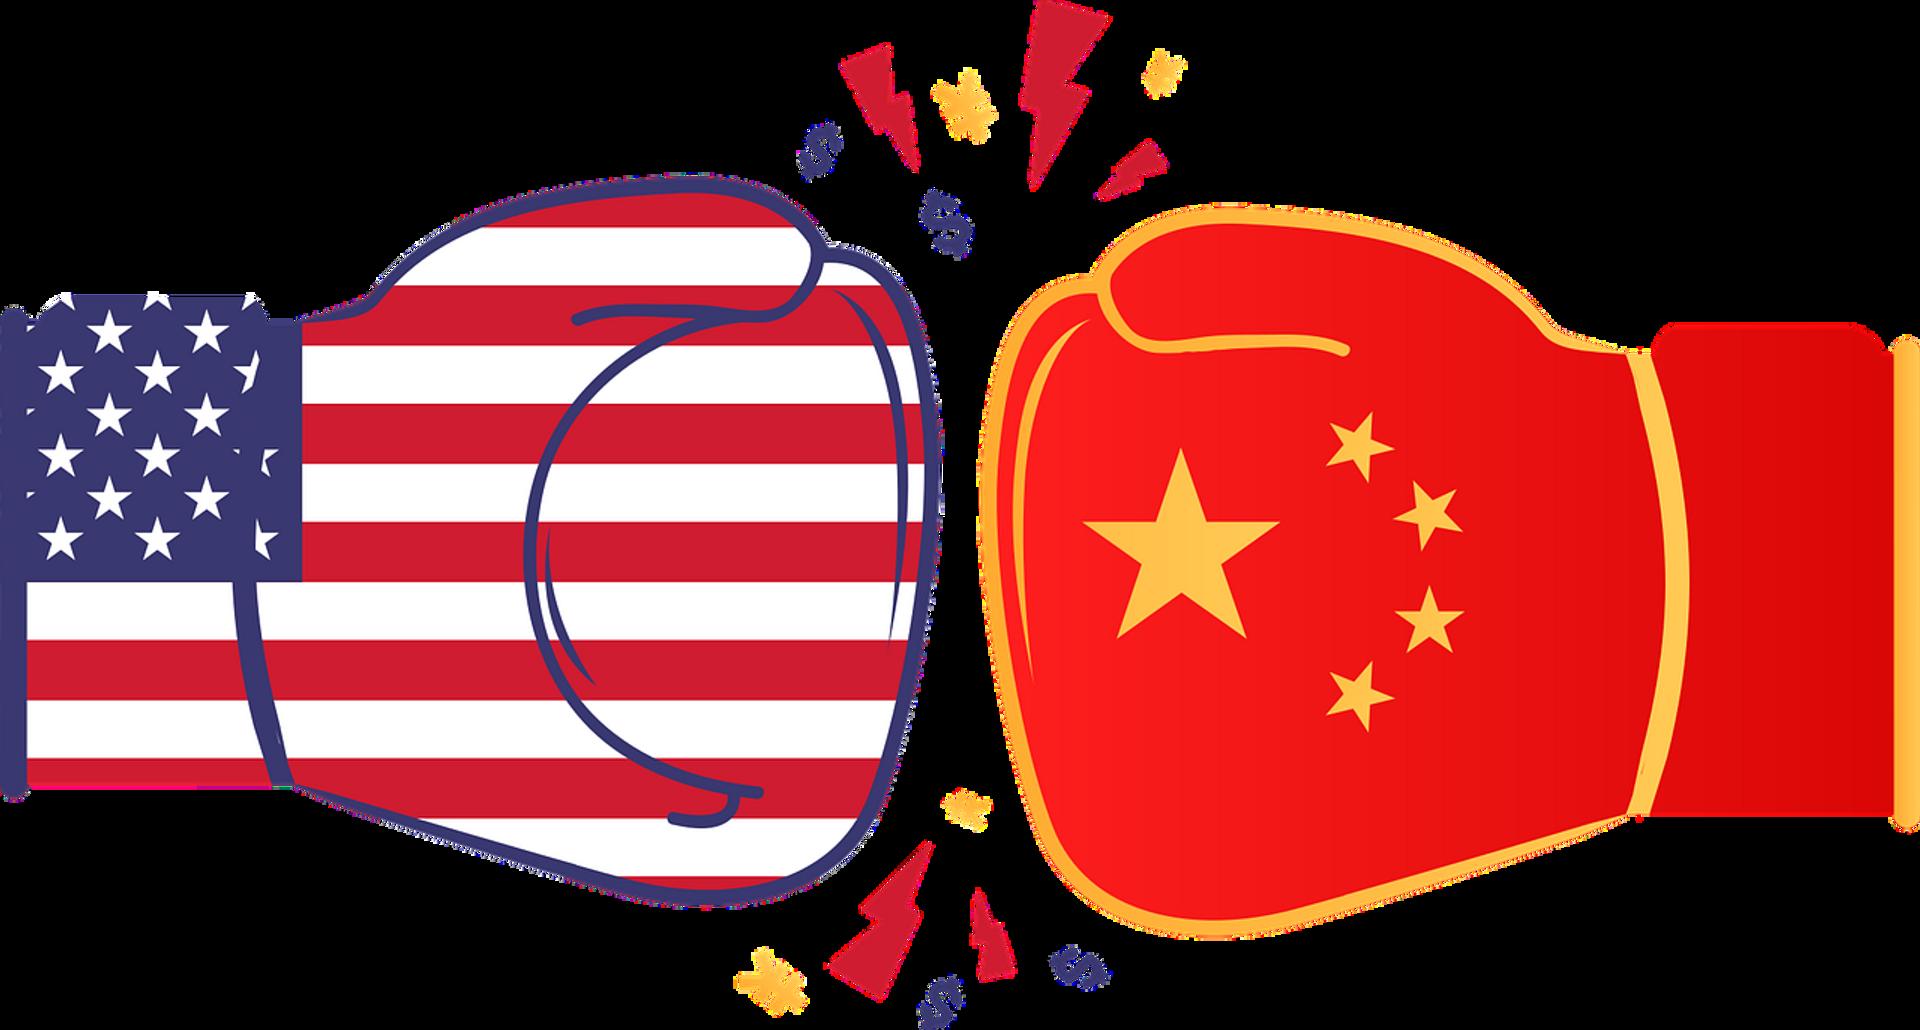 САД - Кина, односи - Sputnik Србија, 1920, 13.07.2021